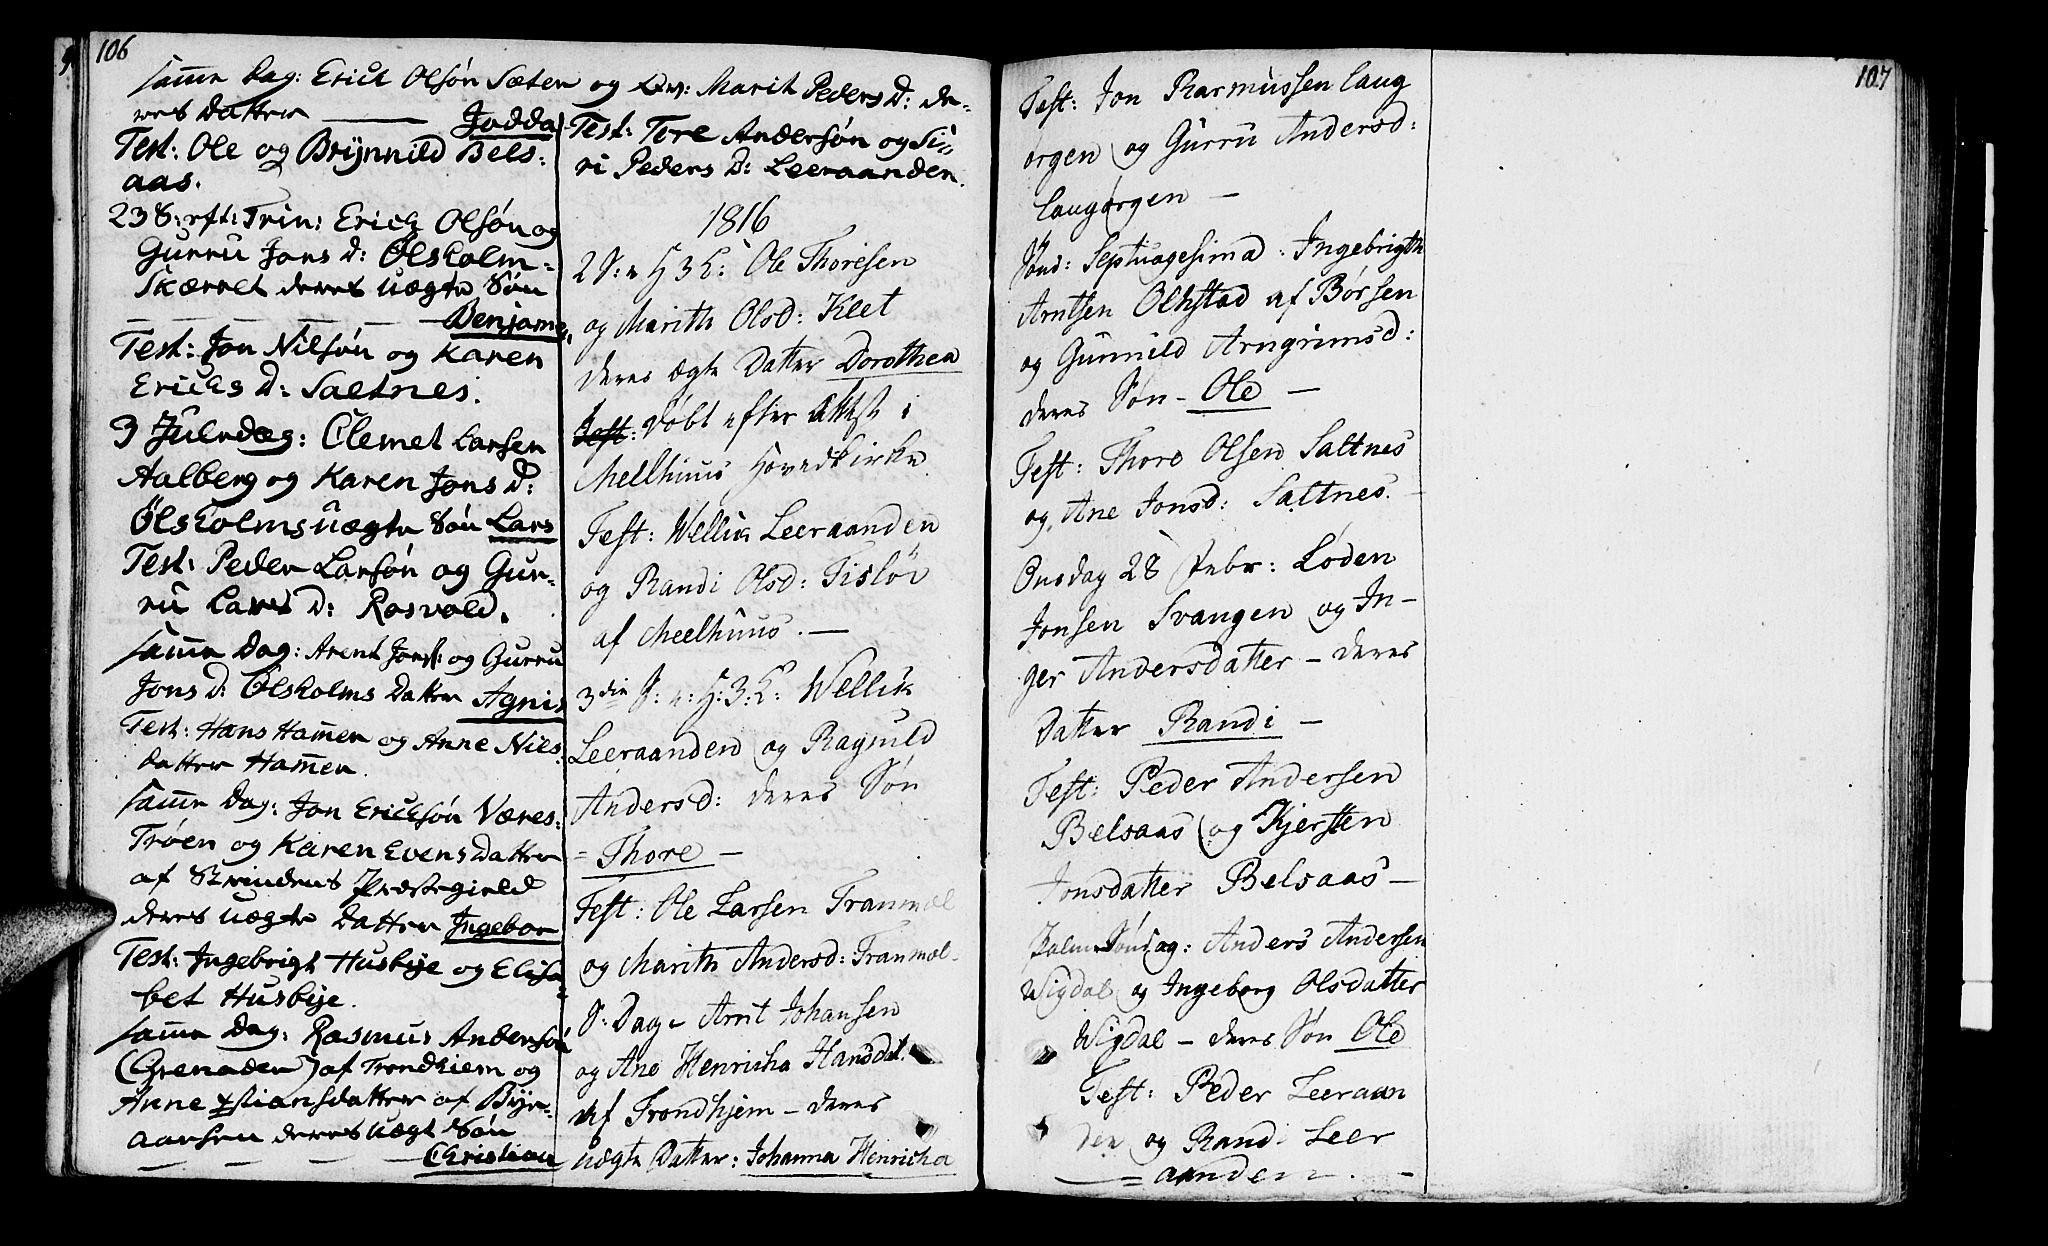 SAT, Ministerialprotokoller, klokkerbøker og fødselsregistre - Sør-Trøndelag, 666/L0785: Ministerialbok nr. 666A03, 1803-1816, s. 106-107